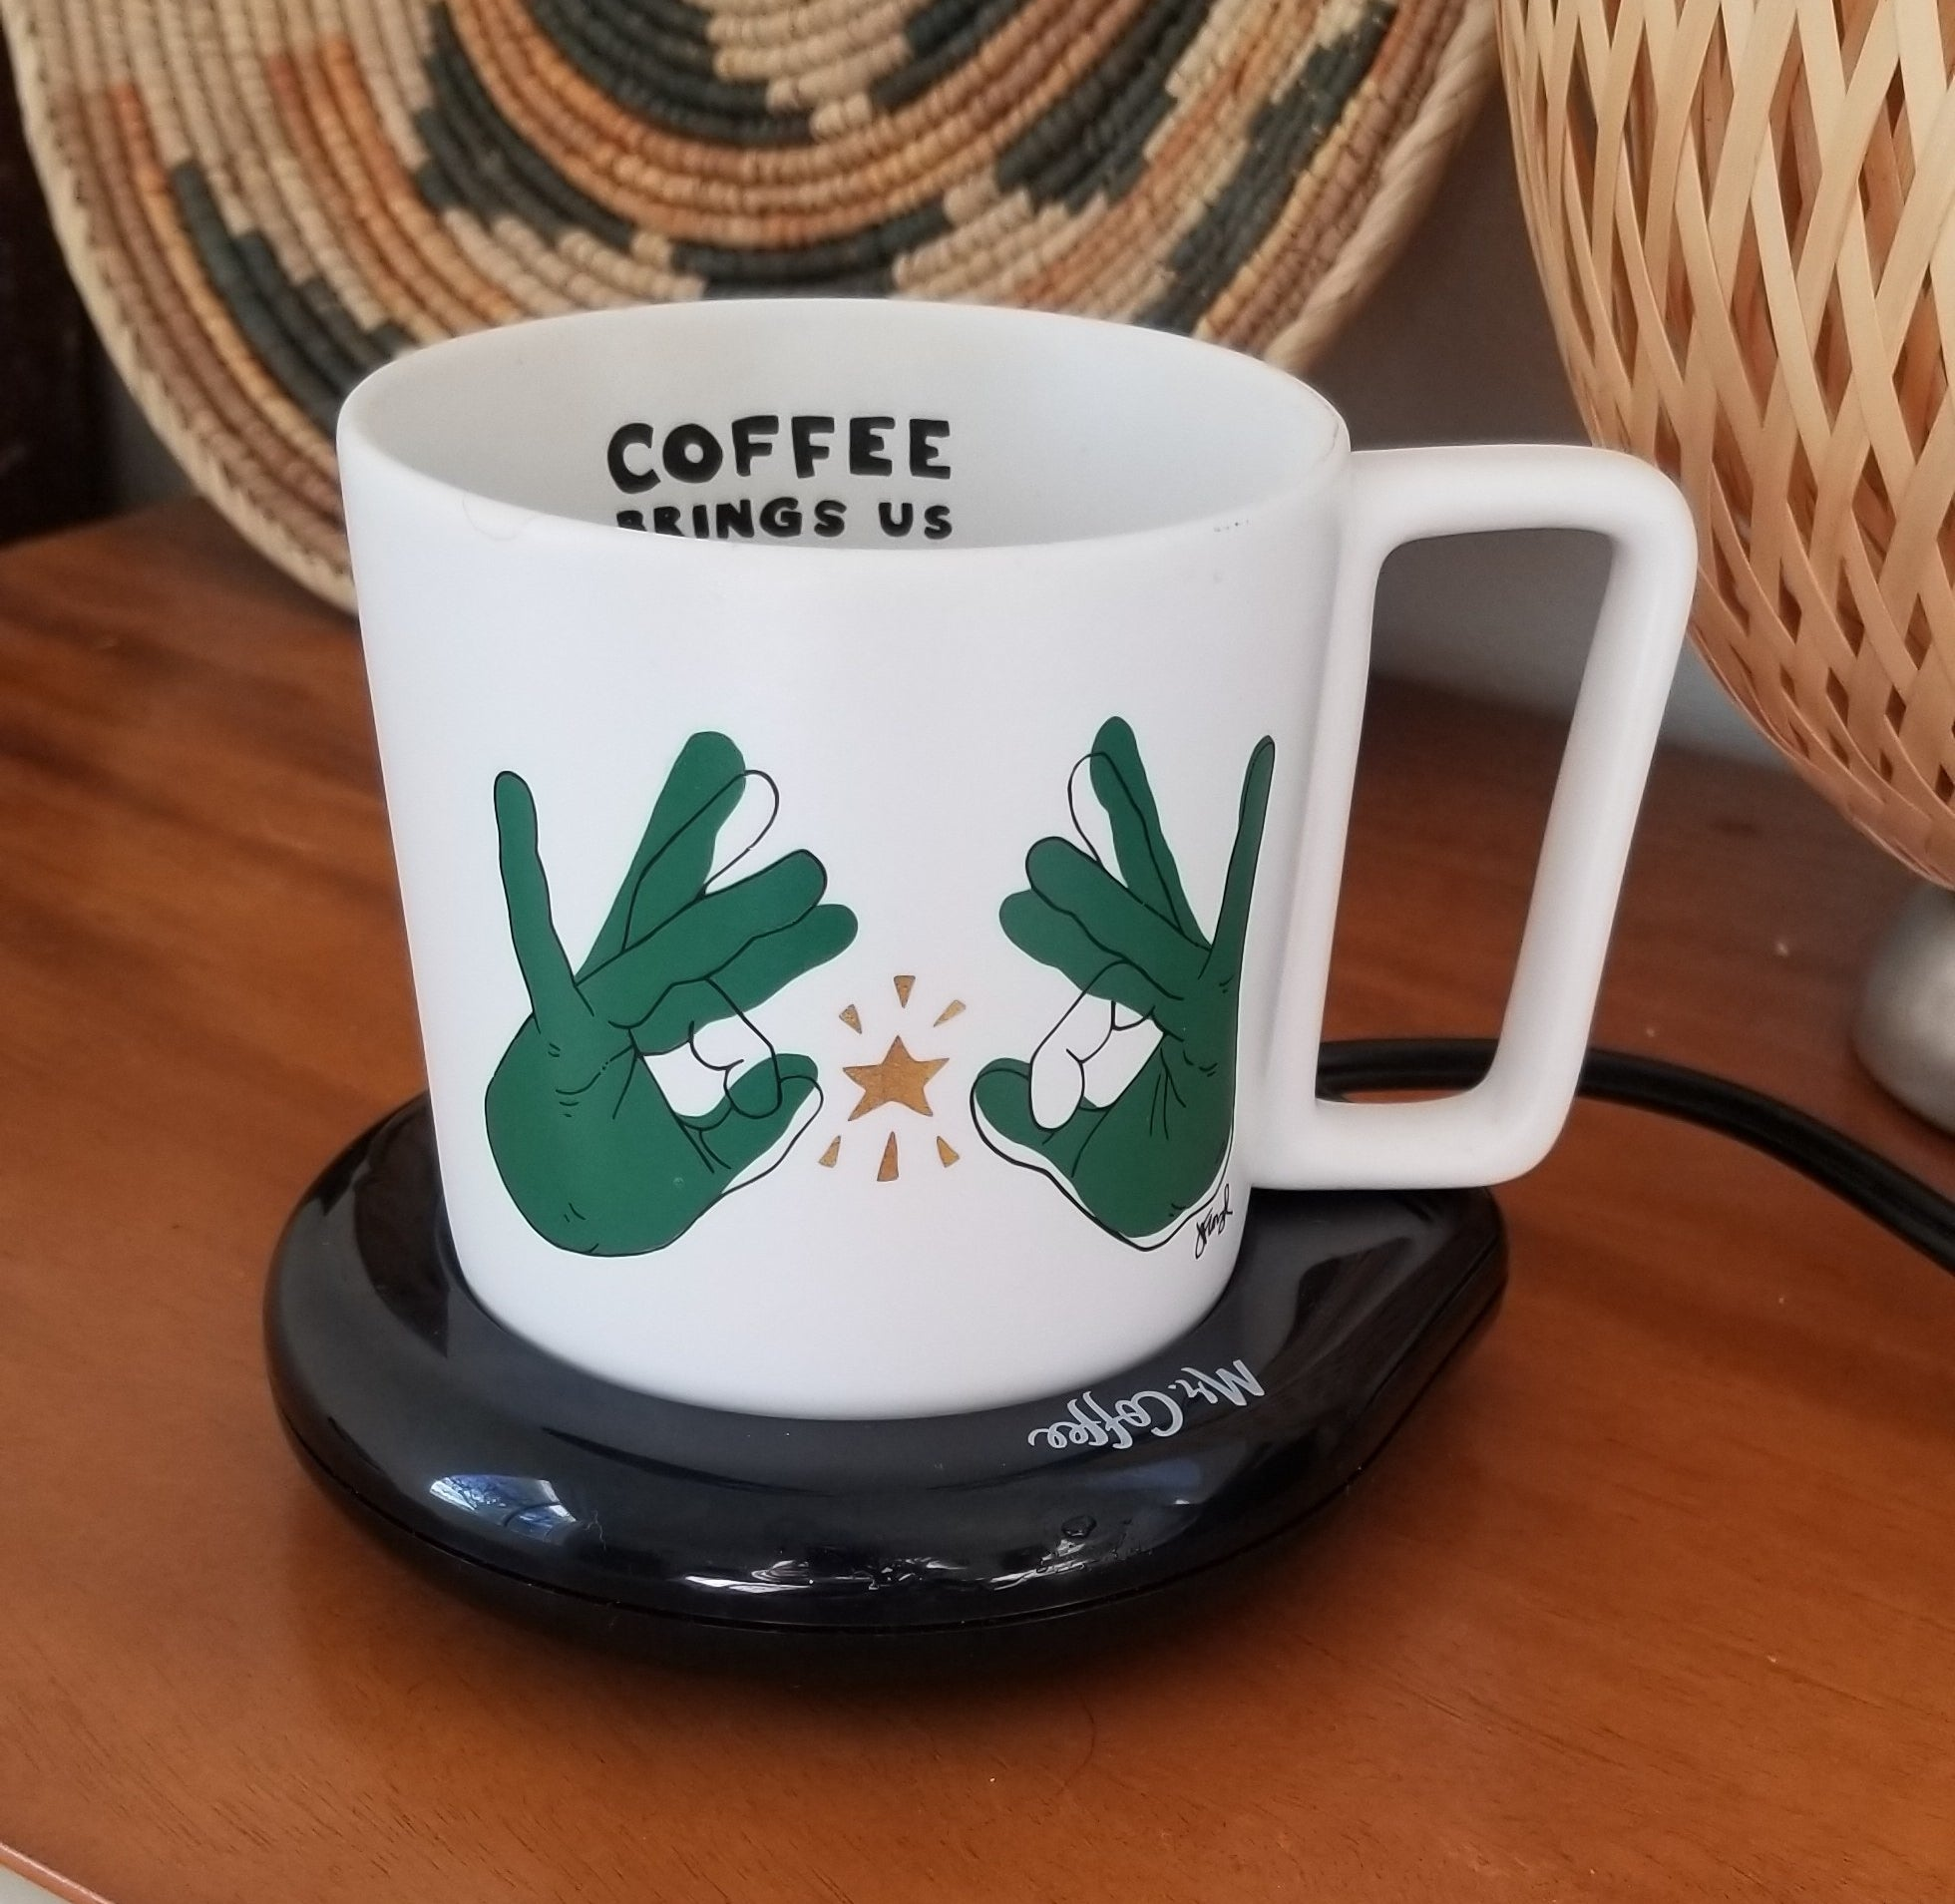 The mug warmer on a bedside table with mug on top